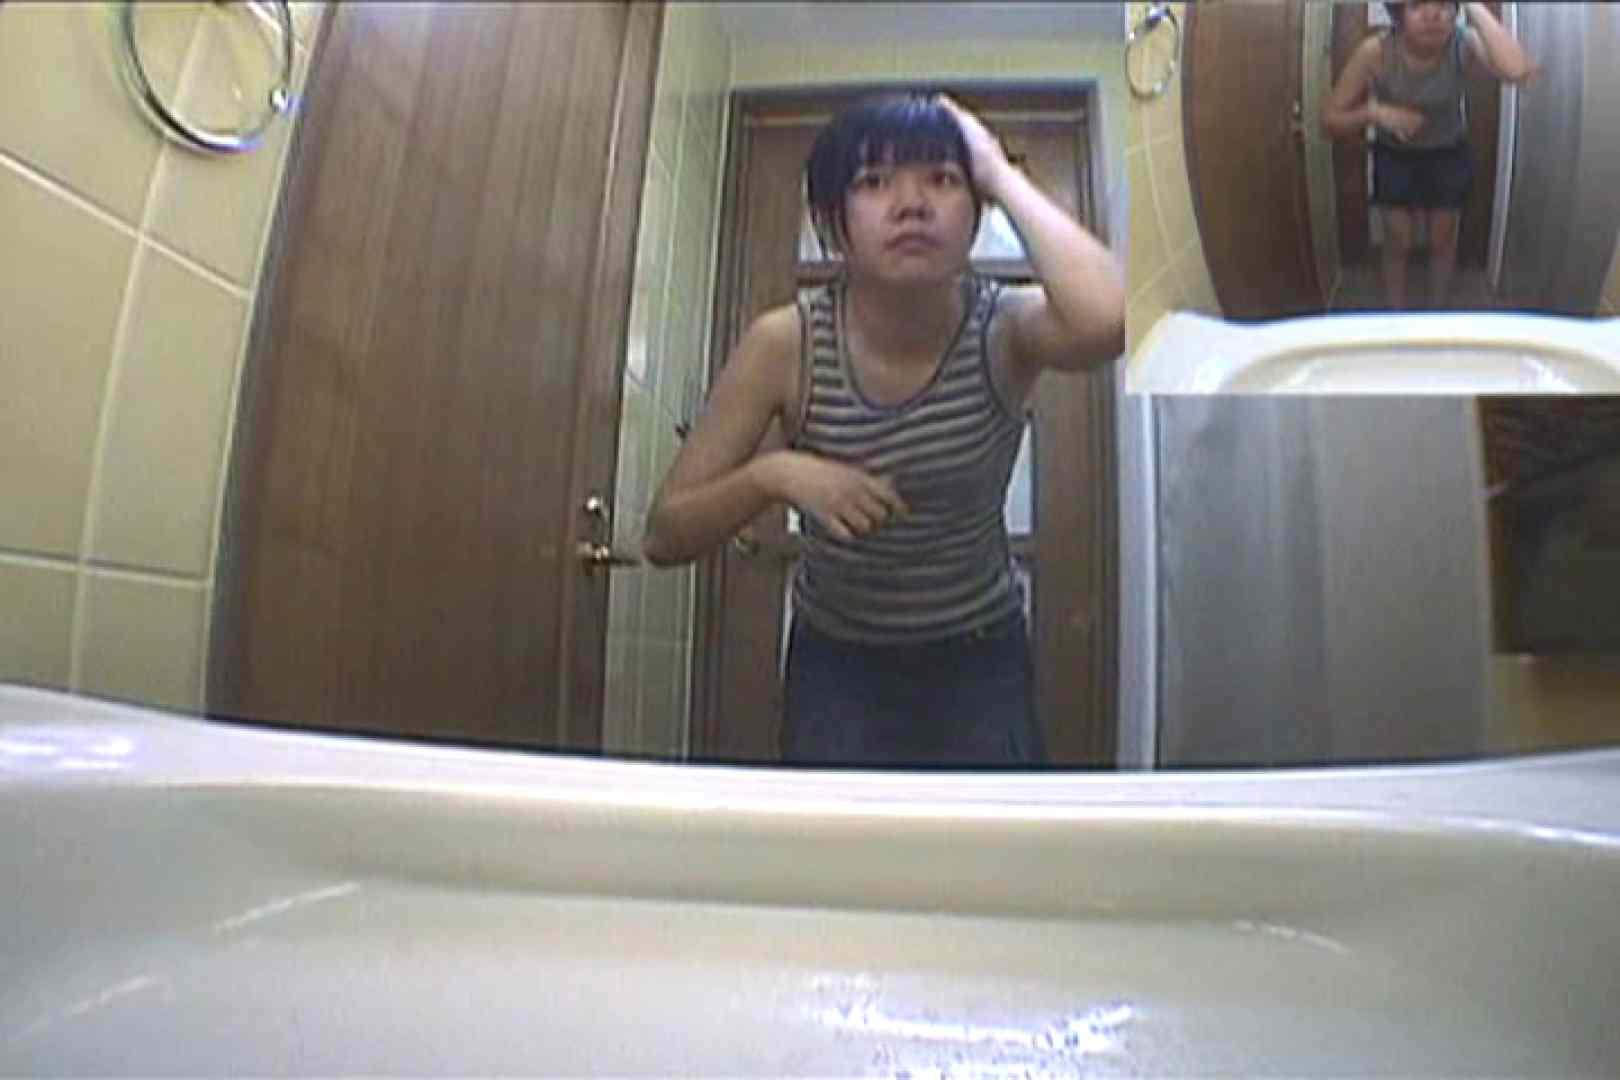 水着ギャルびっくり!! 洗面所盗撮Vol.10 シャワー 盗み撮り動画キャプチャ 106画像 90